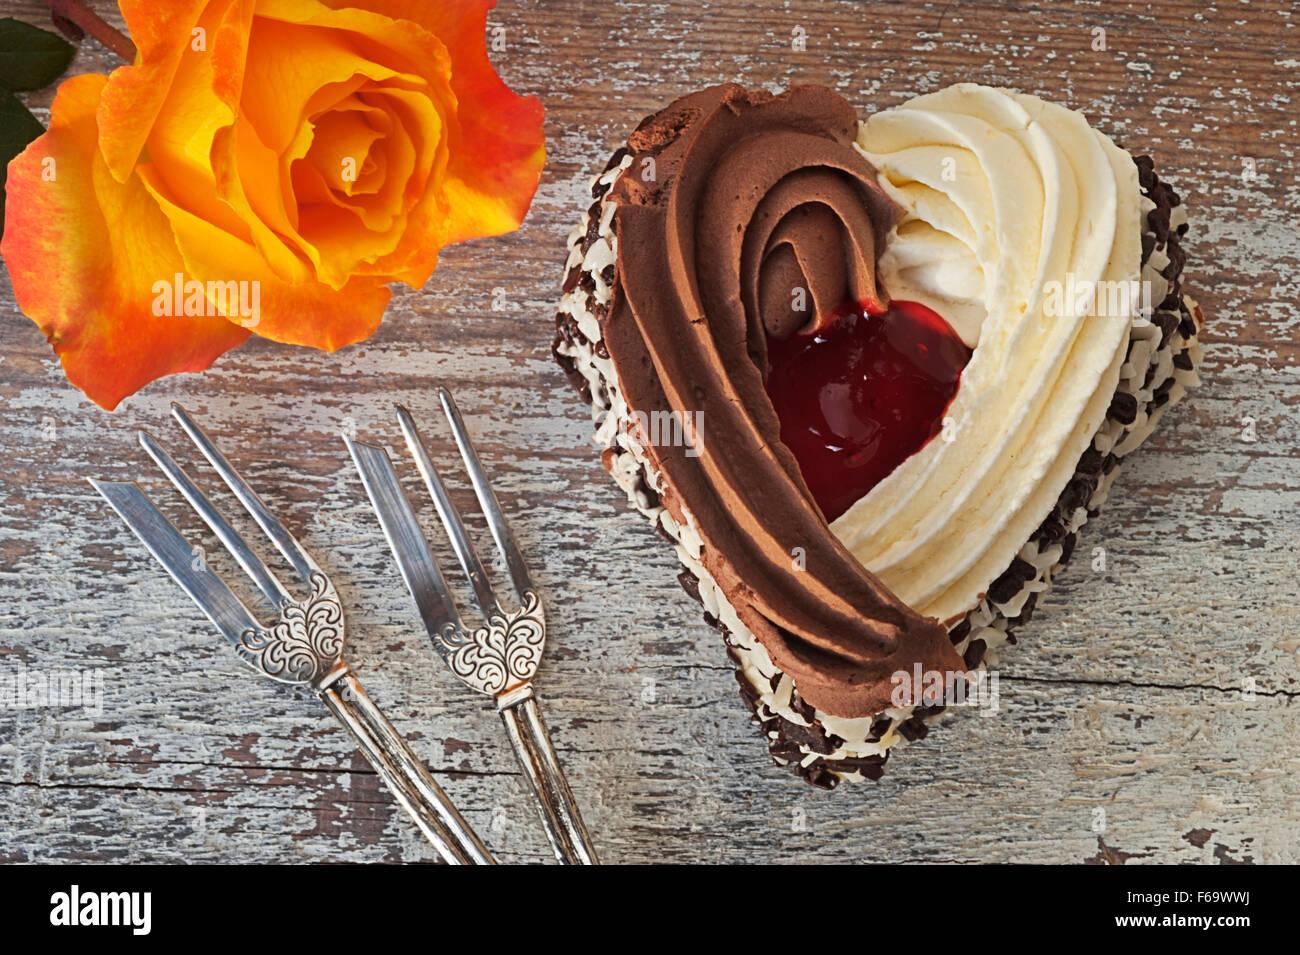 Still Life with a forma di cuore la torta, ornato di due forcelle di pasticceria e un arancione rosa Immagini Stock